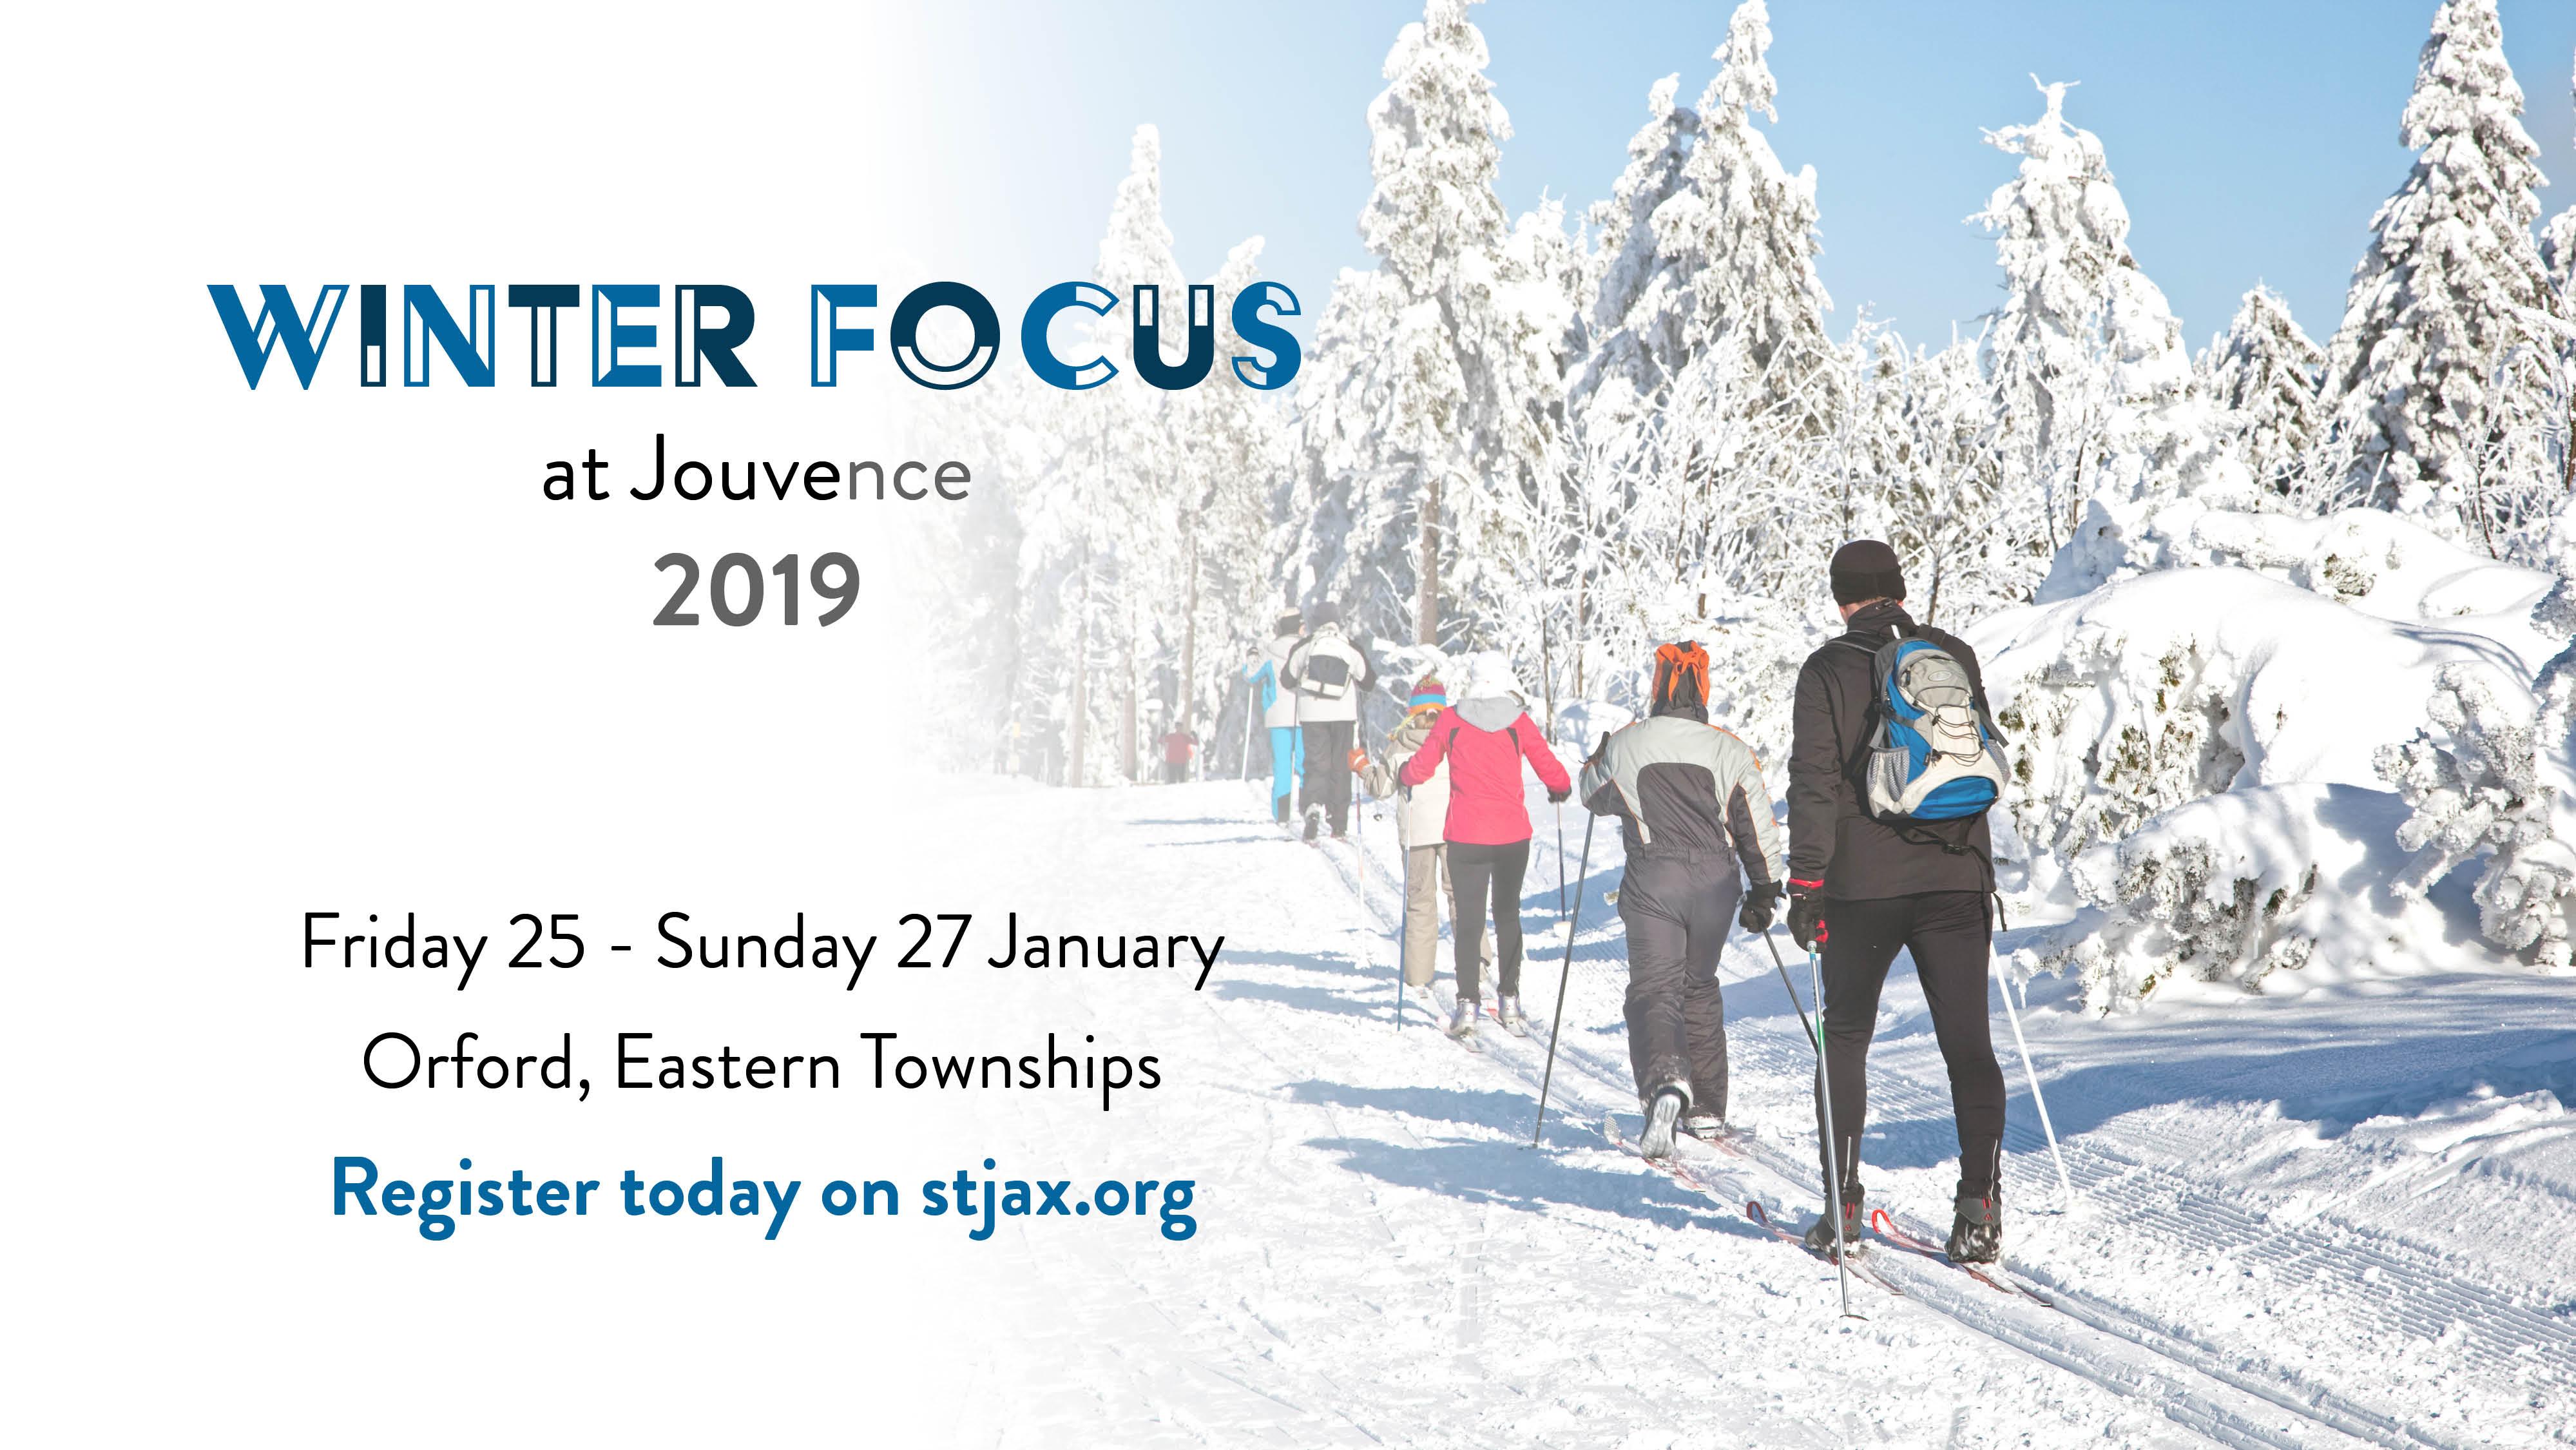 Winter Focus 2019 at Jouvence: St Jax Weekend Away logo